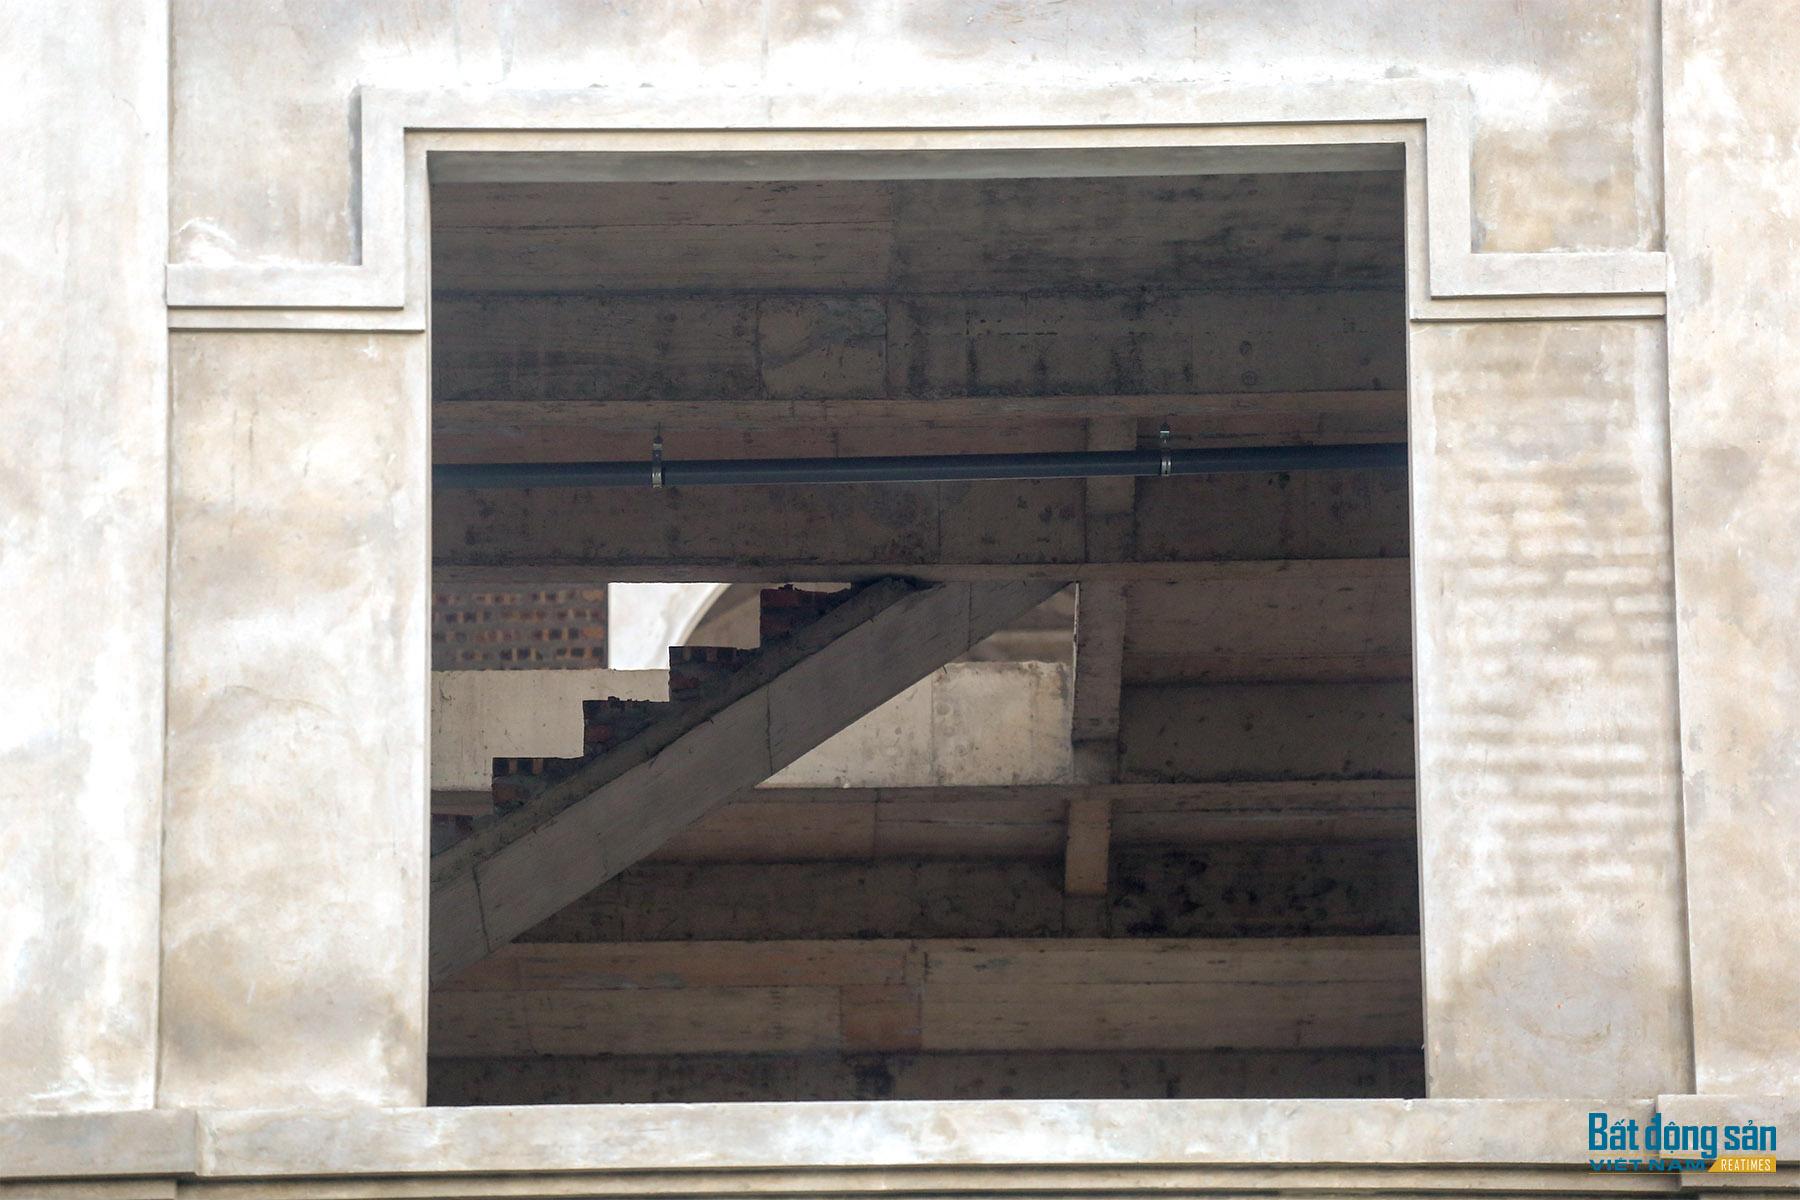 Reatimes_12.png, Dự án 44 căn biệt thự bỏ hoang, làng Đoàn kết